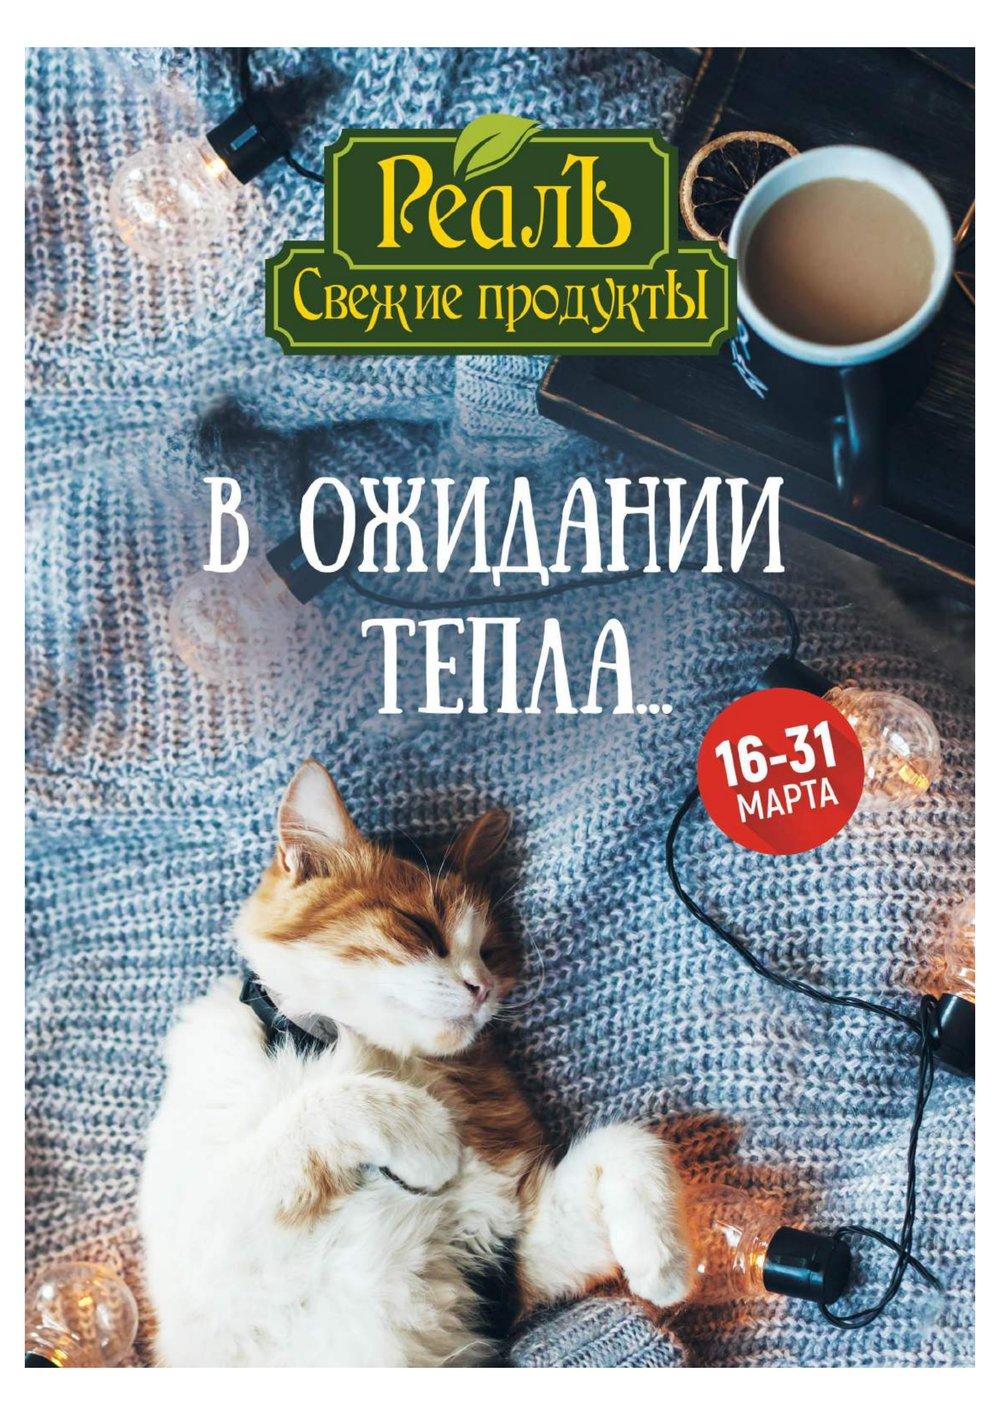 Каталог акций РеалЪ с 16 по 31 марта 2018 - стр. 1